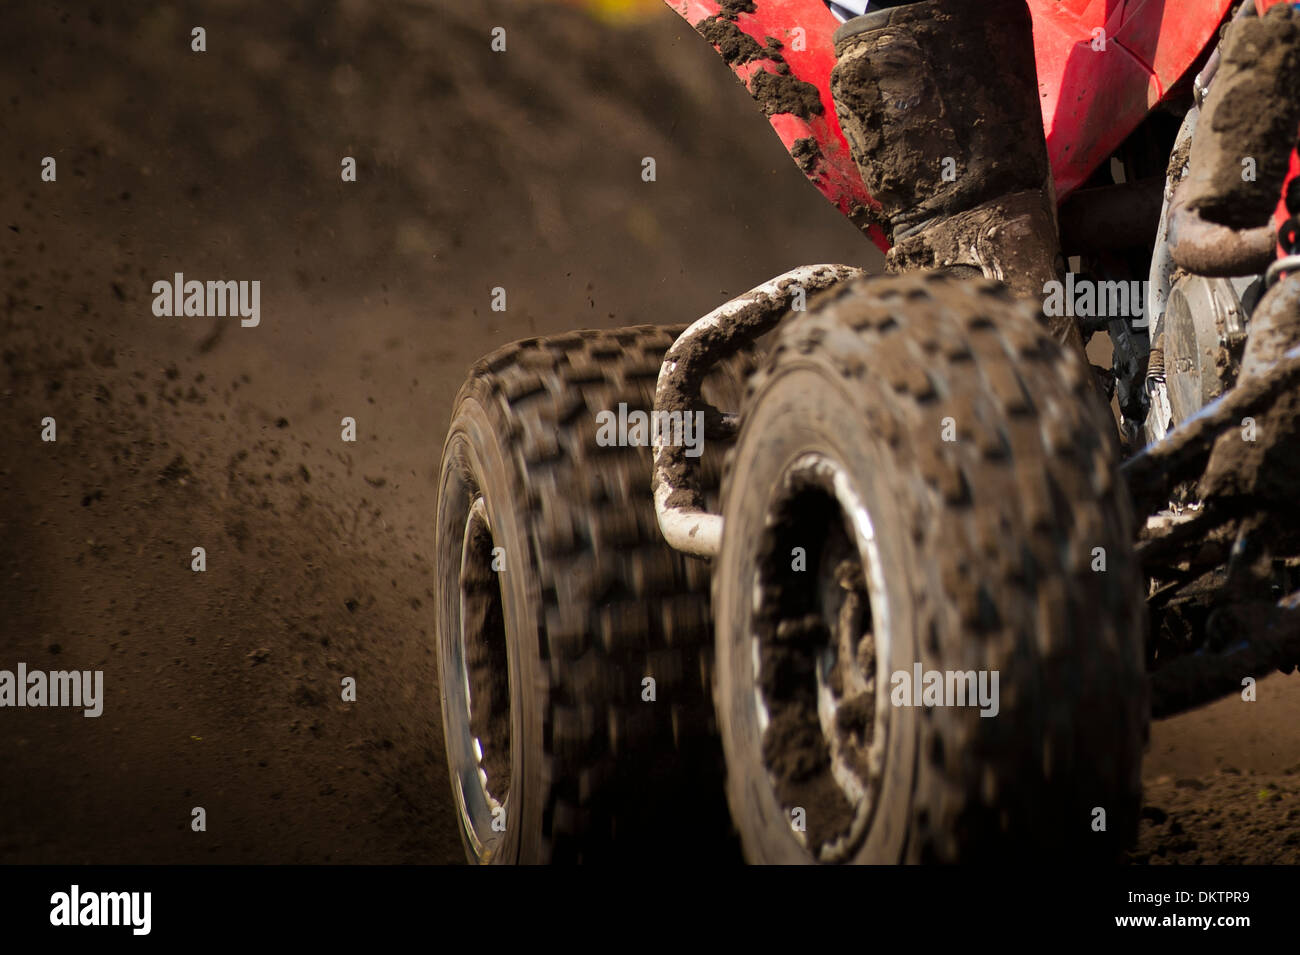 Dirt bike in mud - Stock Image